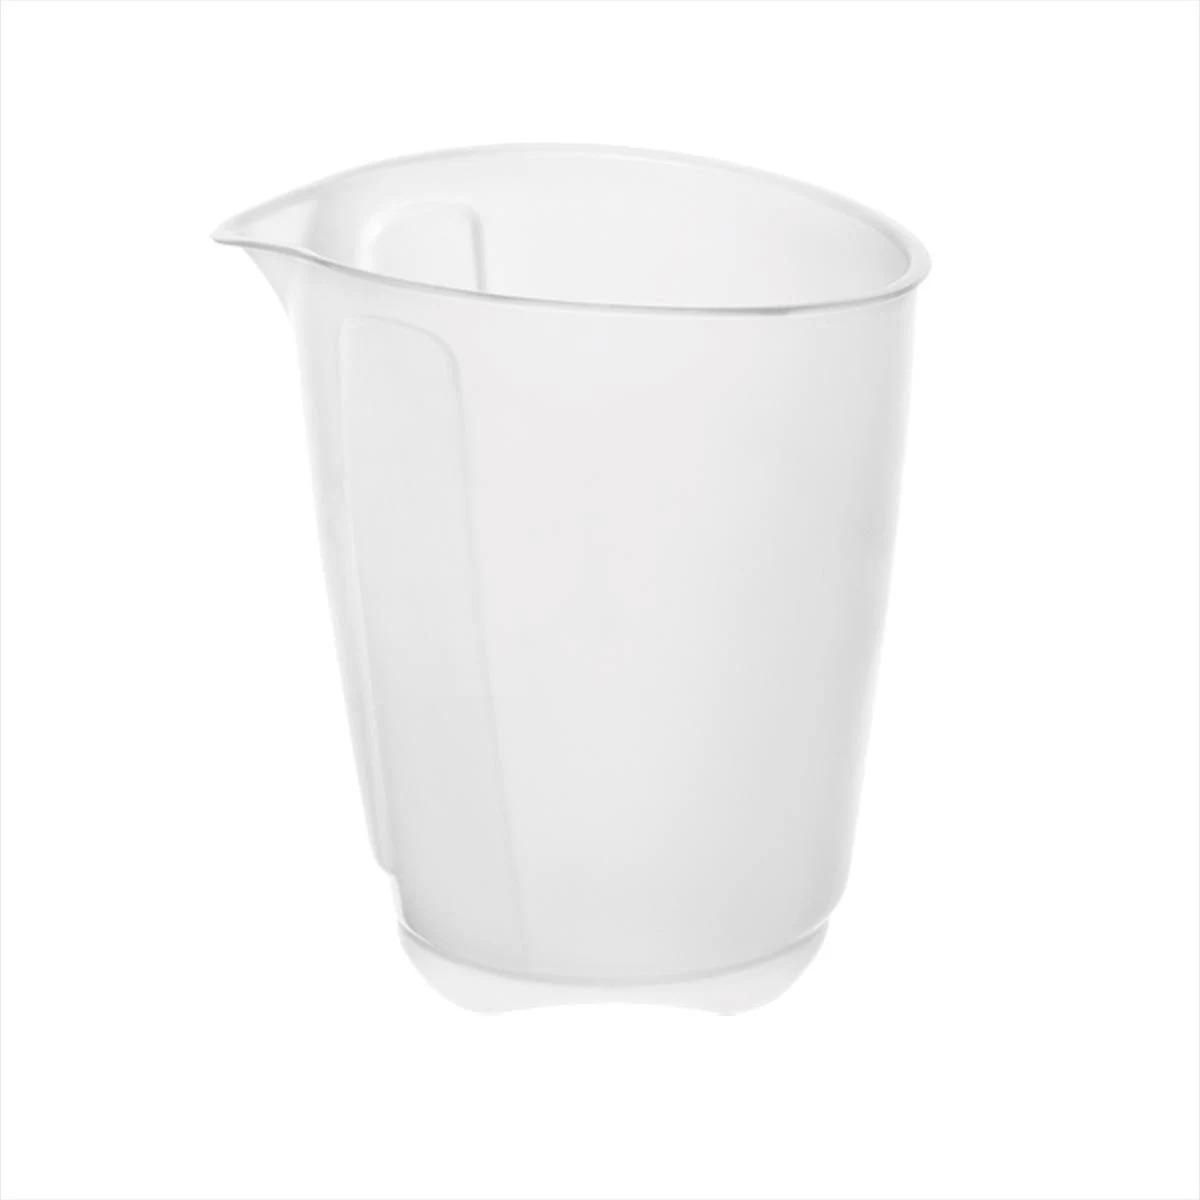 Copo Medidor plástico transparente 500ml - Sanremo